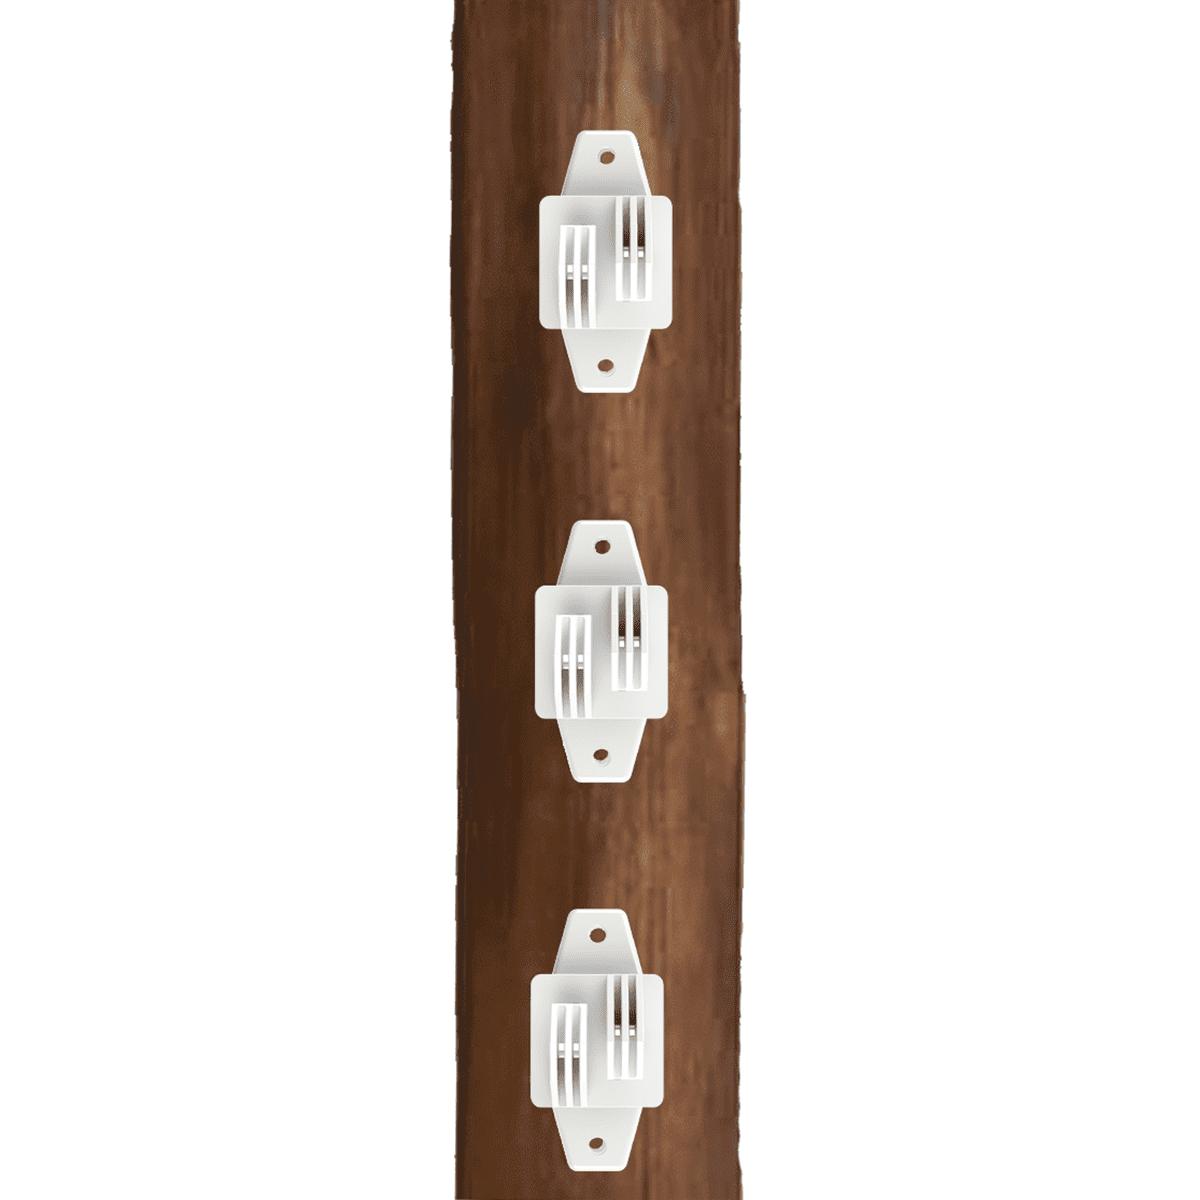 Isolador Tipo W Branco Cerca Elétrica Rural Residencial Industrial Pacote 50 Unidades  - Ambientude Agro e Pet